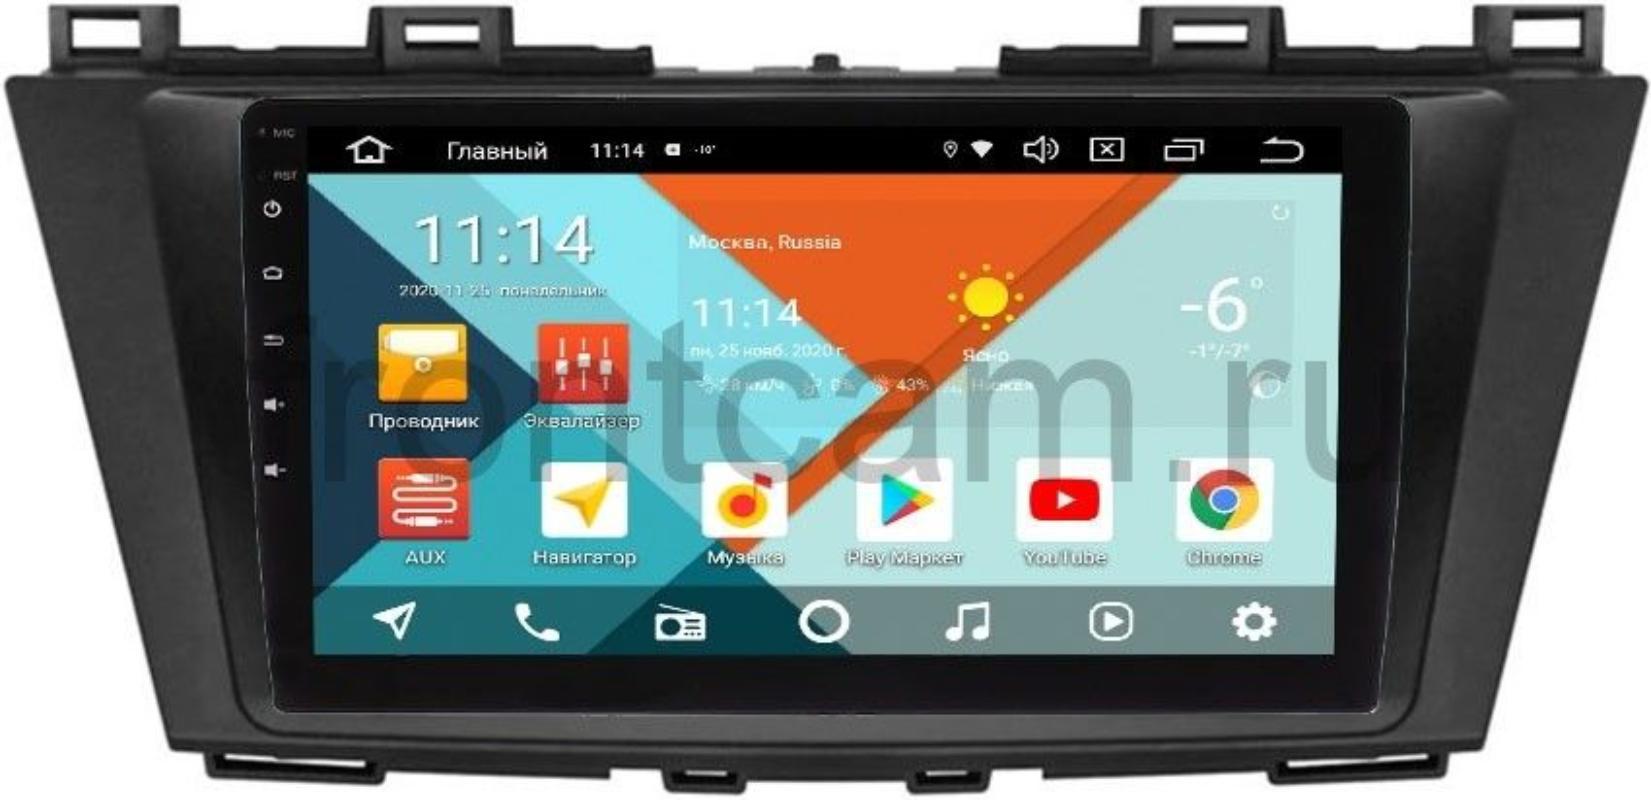 Штатная магнитола Mazda 5 II (CW), Premacy III (CW) 2010-2017 Wide Media KS9223QM-2/32 DSP CarPlay 4G-SIM на Android 10 (+ Камера заднего вида в подарок!)